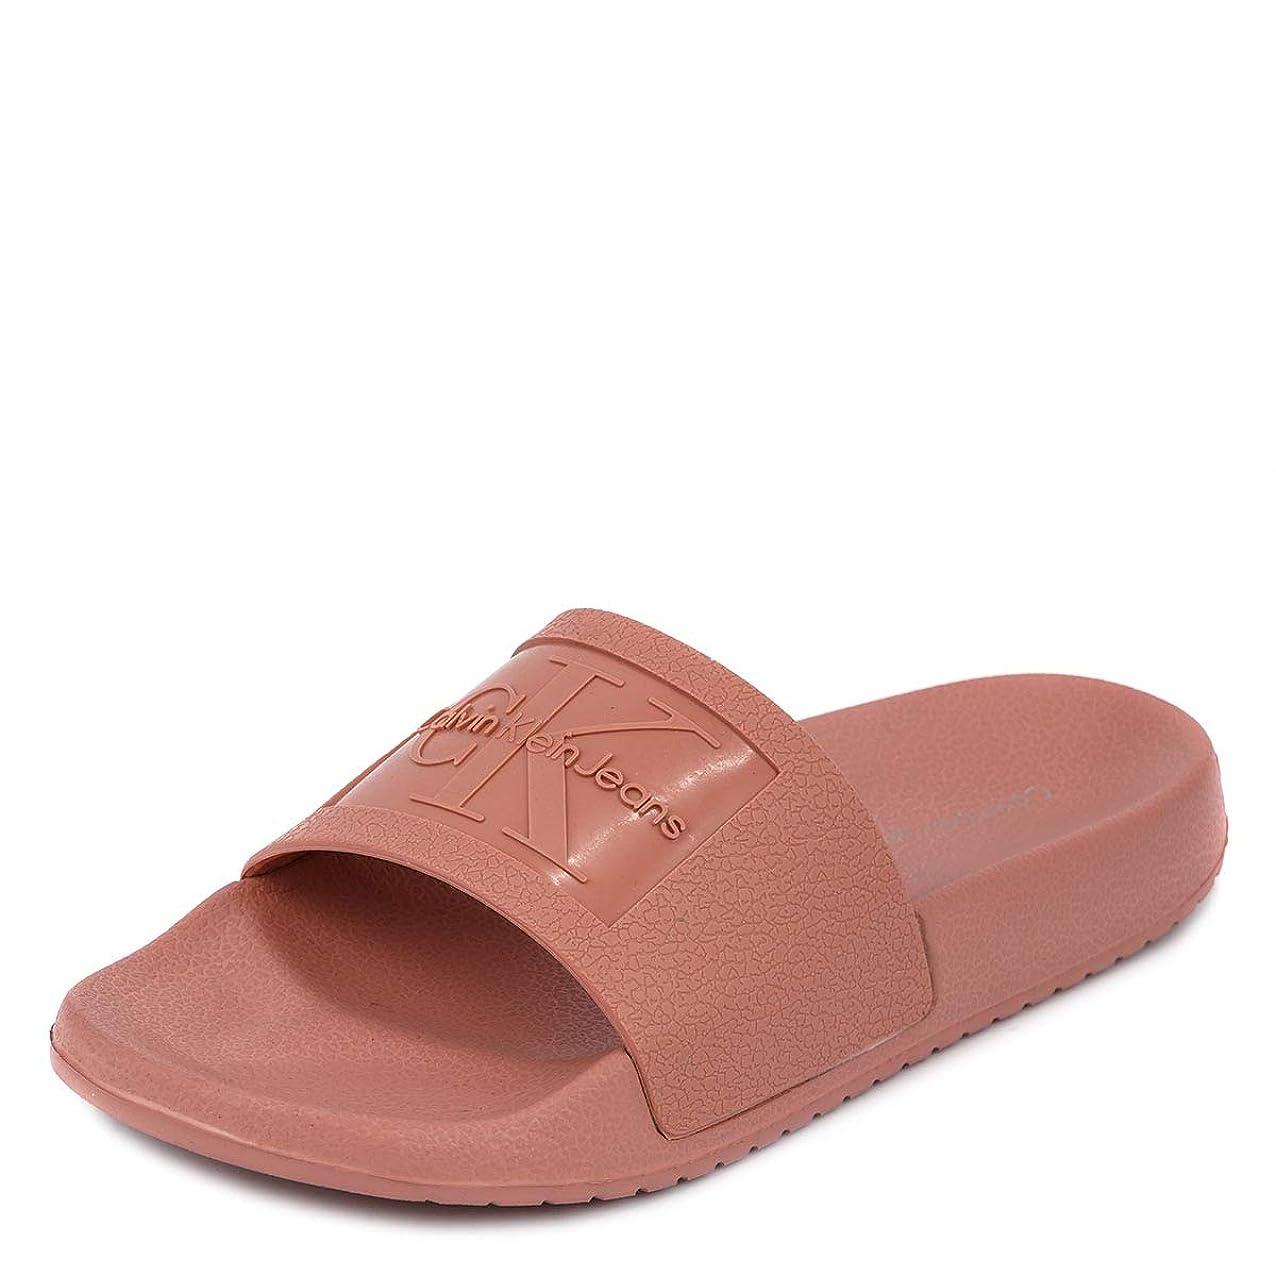 荷物ケイ素荒らす[カルバンクライン ジーンズ]Calvin Klein Jeans 34R8837 CHRISTIE JELLY SANDALS DUSK size9 [並行輸入品]